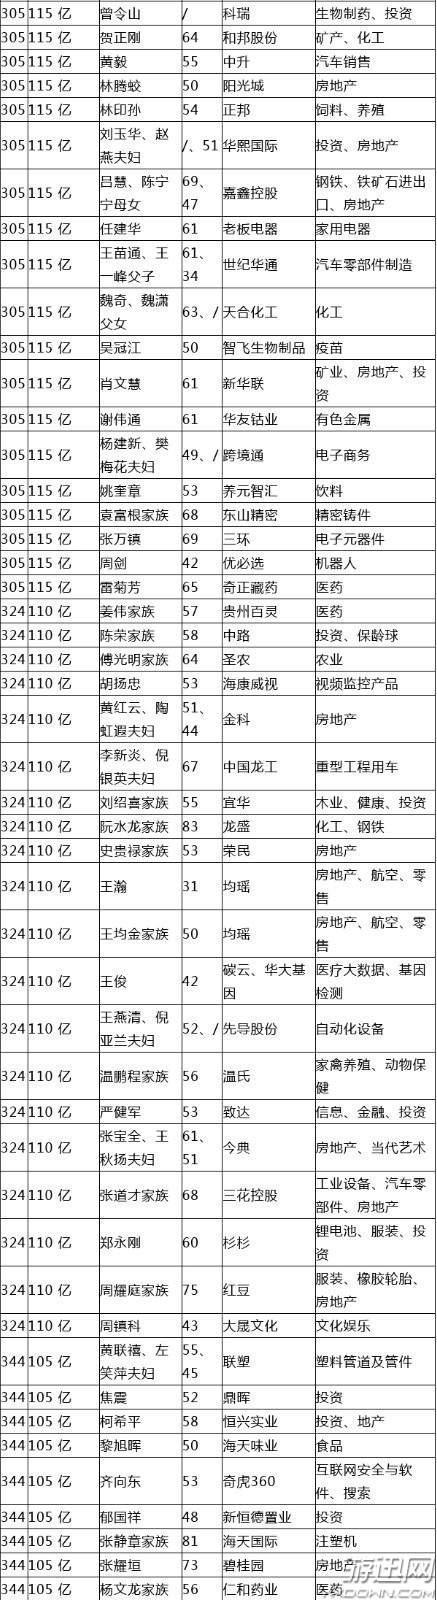 2018胡润百富榜公布:马云重登中国首富 马化腾降至第3